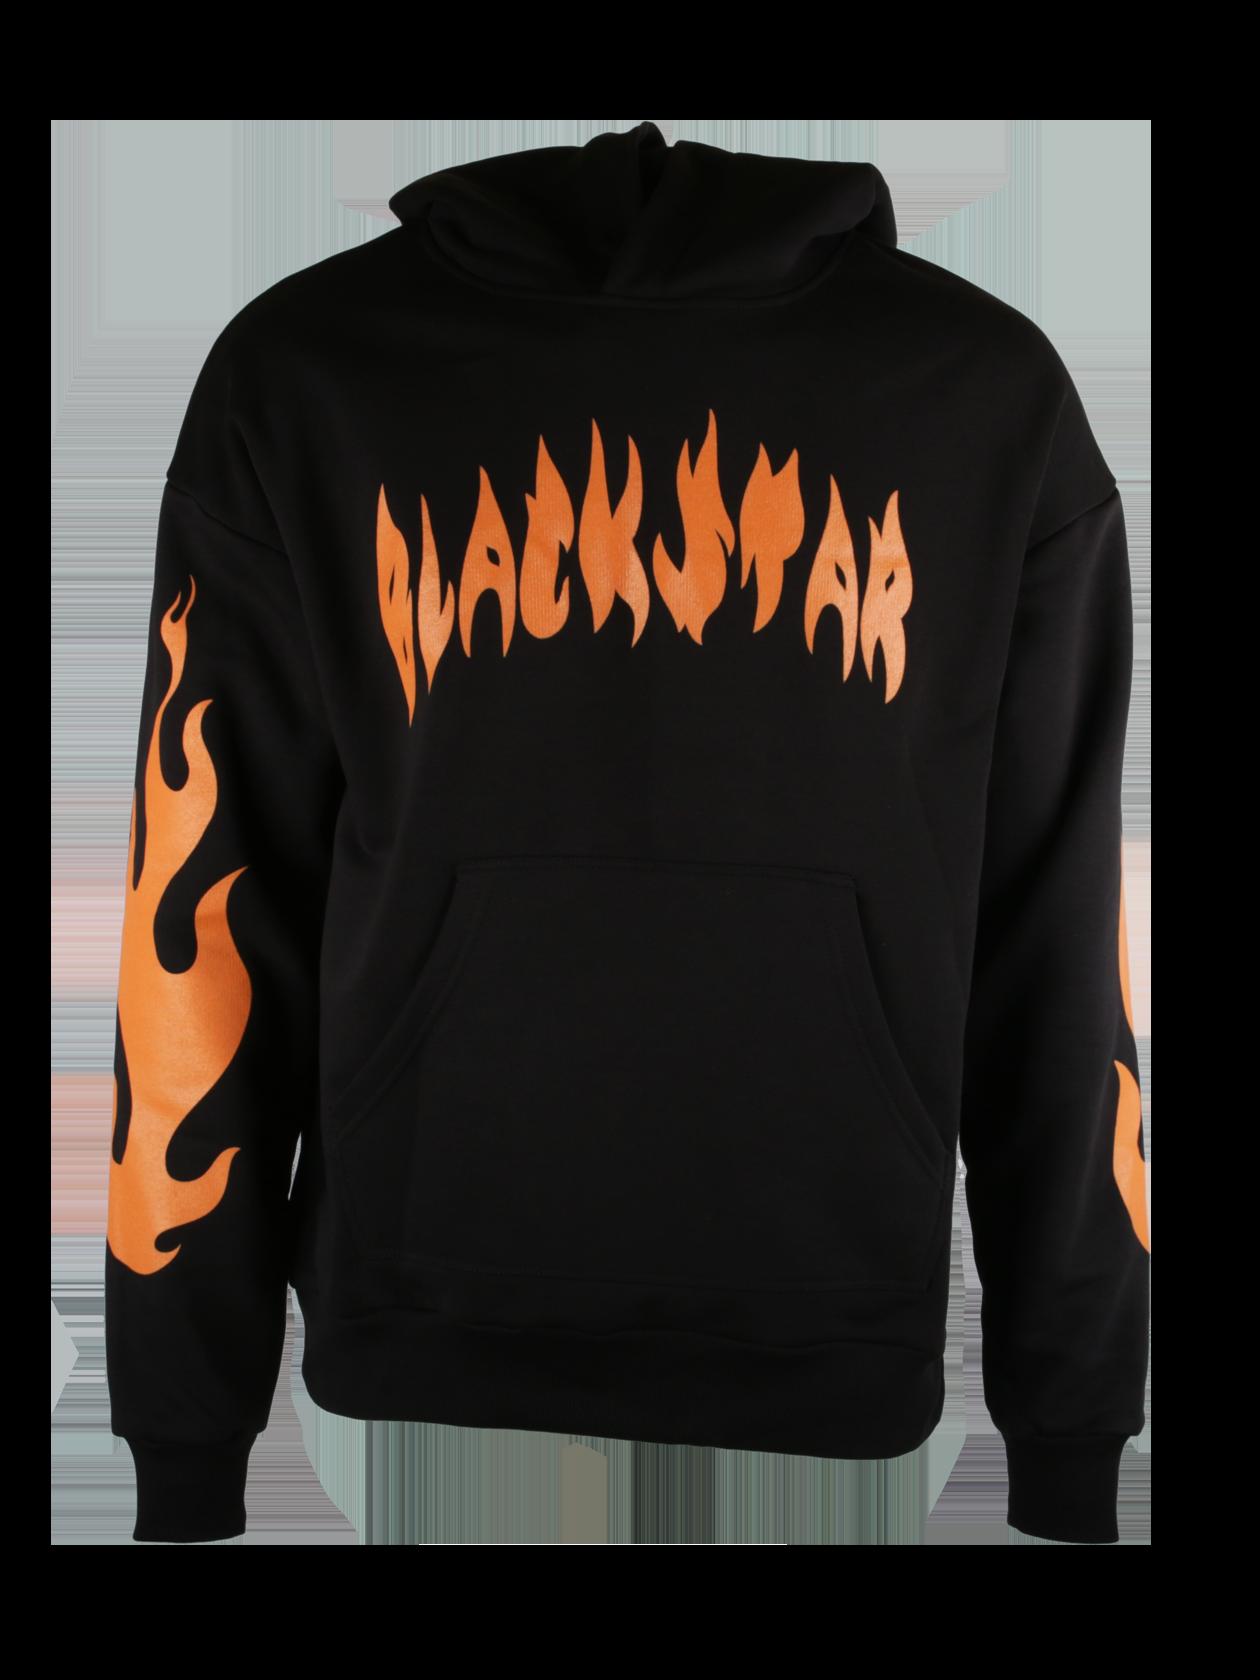 Худи  FIRE FLAMEХуди Fire Flame из уникальной коллекции Orange Flame – идеальное решение для энергичных молодых людей. Сочная апельсиновая расцветка вдохновила дизайнеров на создание этой модели. Изделие прямого свободного силуэта с объемным капюшоном и вместительным передним карманом отлично подходит для спорта и отдыха. Дизайн дополнен смелым принтом в виде черной надписи Black Star на груди и языков пламени на рукавах. Эластичные вставки на манжетах и по низу худи служат для лучшей посадки вещи. Для пошива был выбран премиальный натуральный хлопок.<br><br>Размер: S<br>Цвет: Черный<br>Пол: Мужской